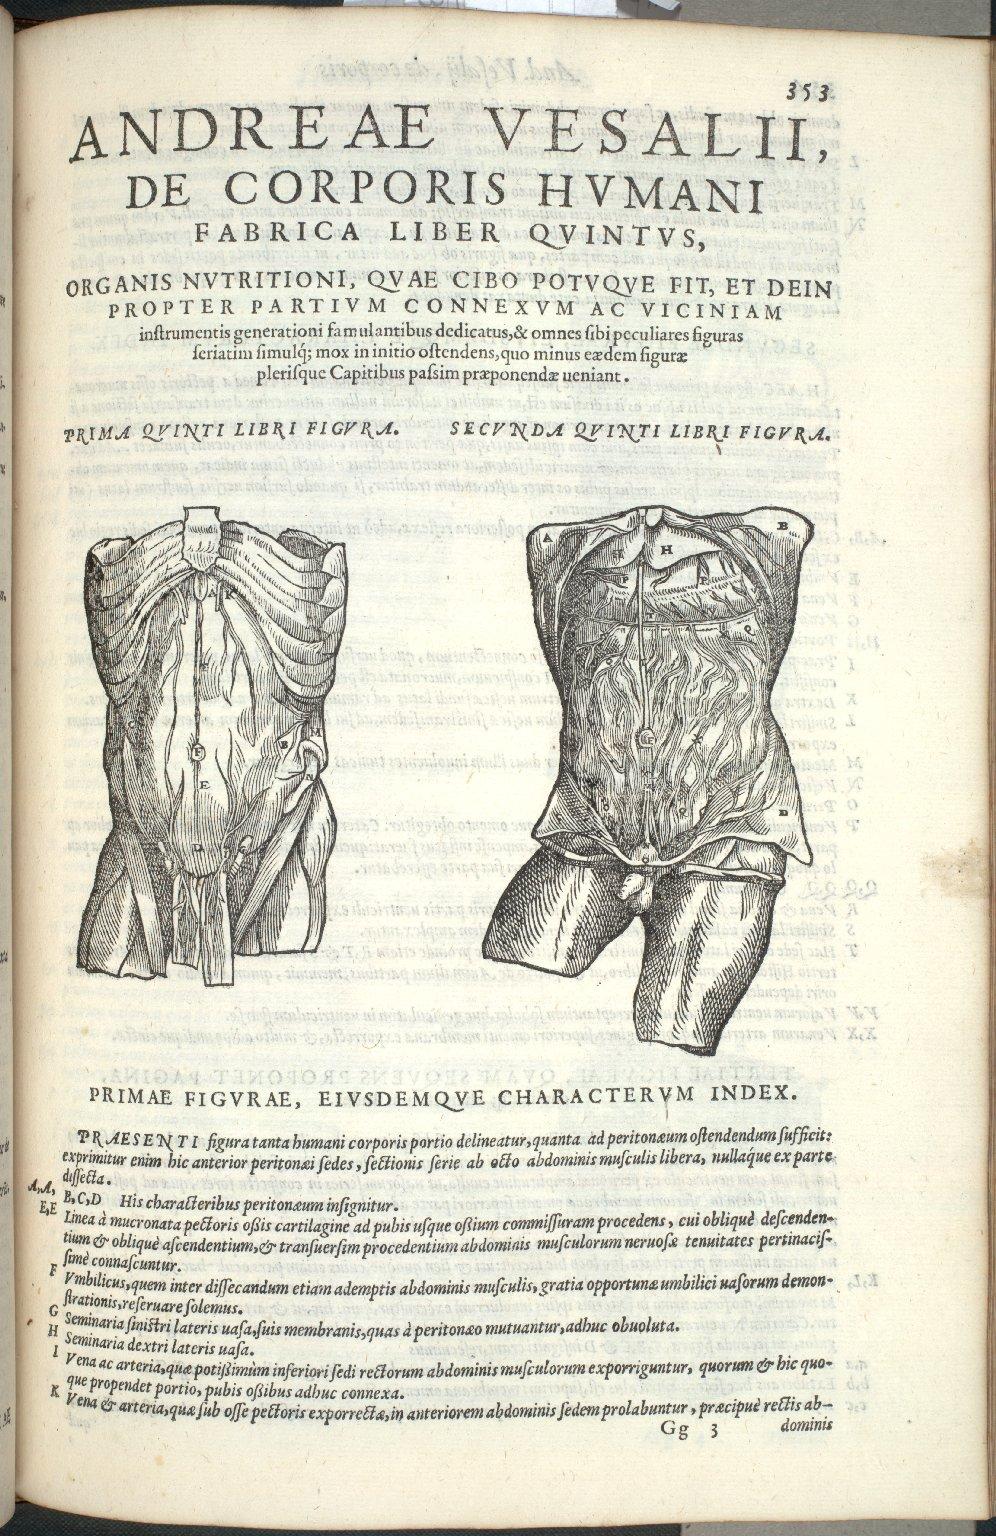 Organis Nutritioni, Prima Quinti Libri Figura, Secunda Quinti Libri Figura